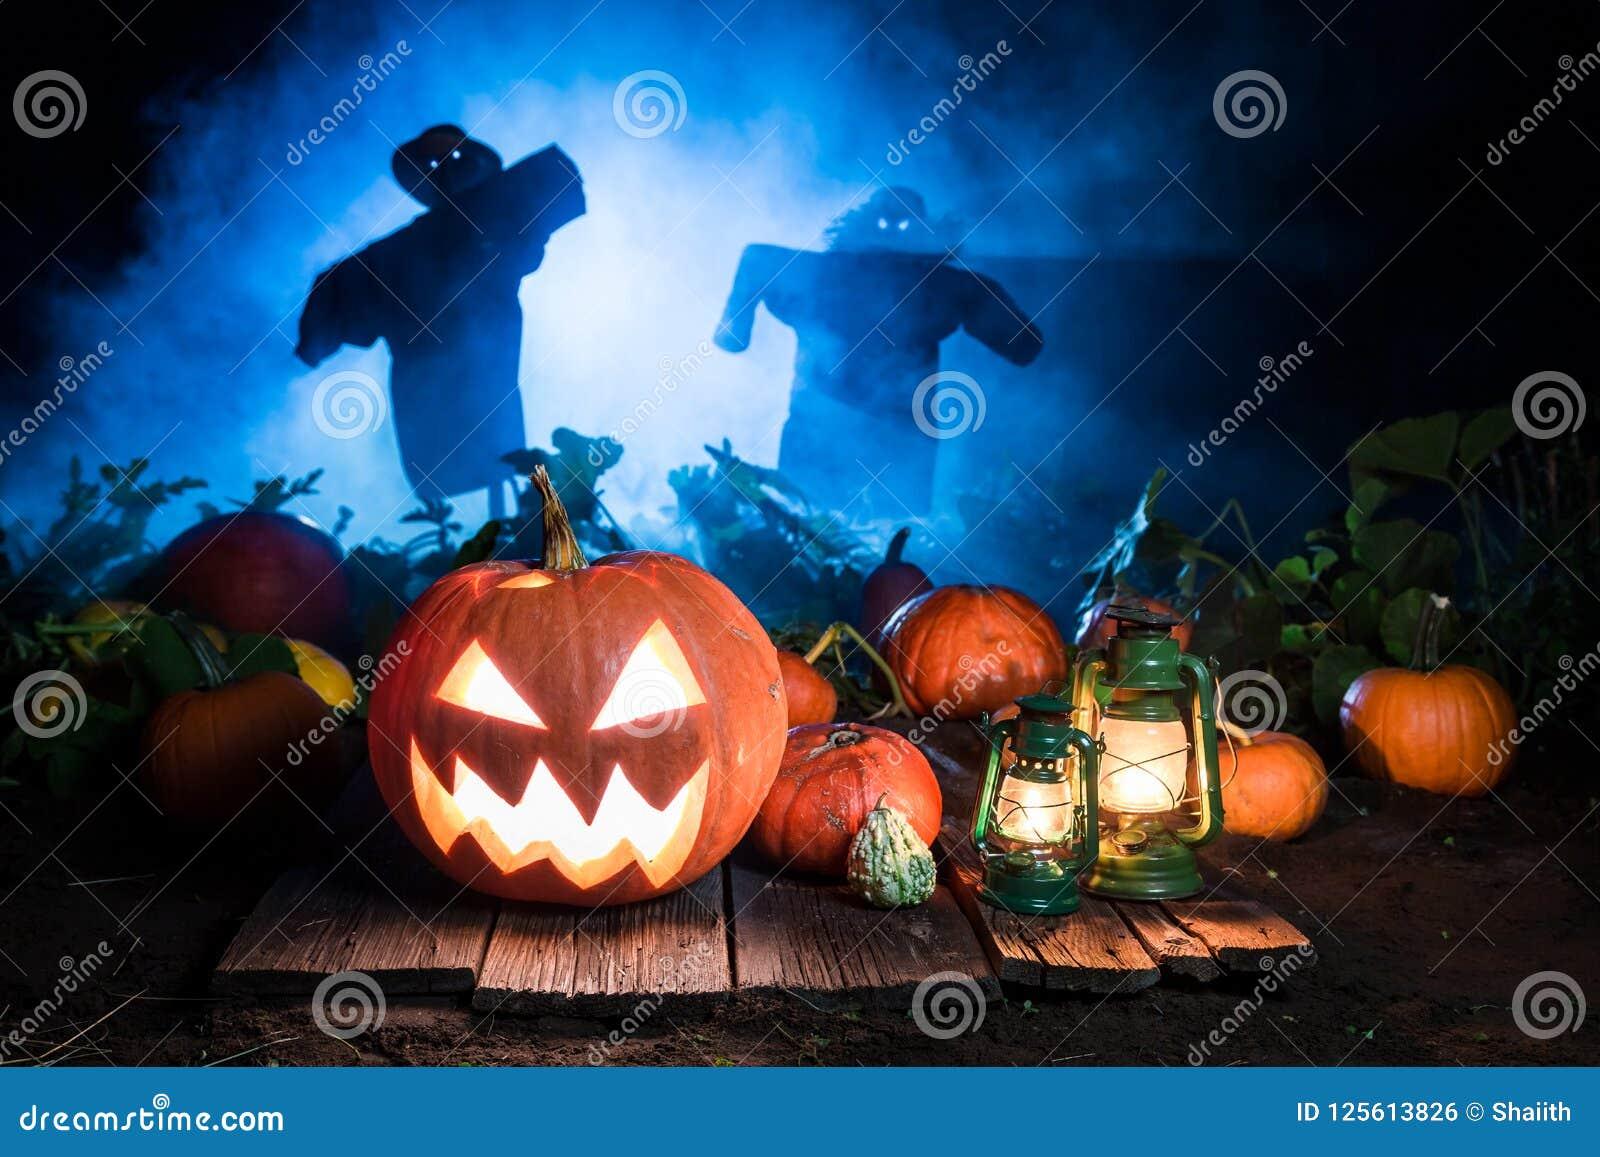 Abóbora de Dia das Bruxas com espantalhos e névoa azul